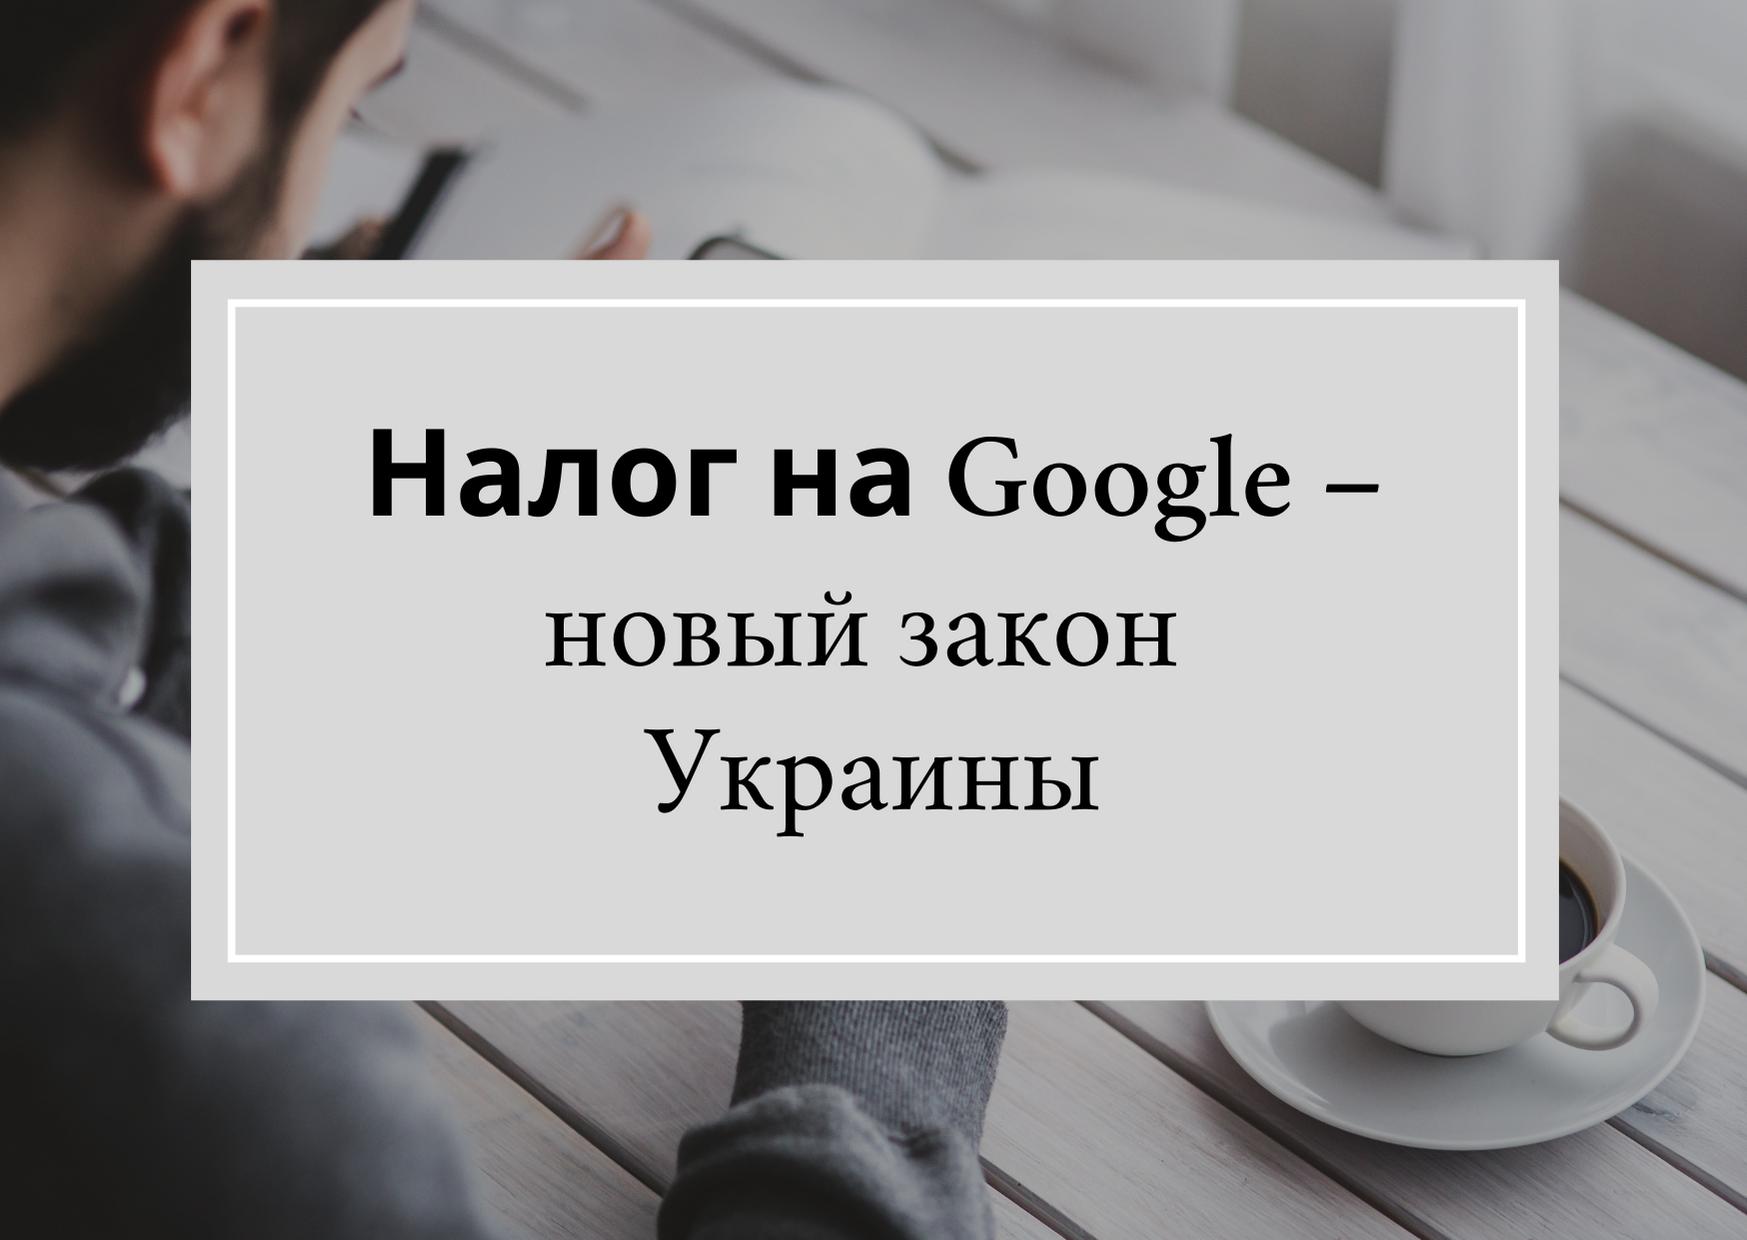 Налог на Google